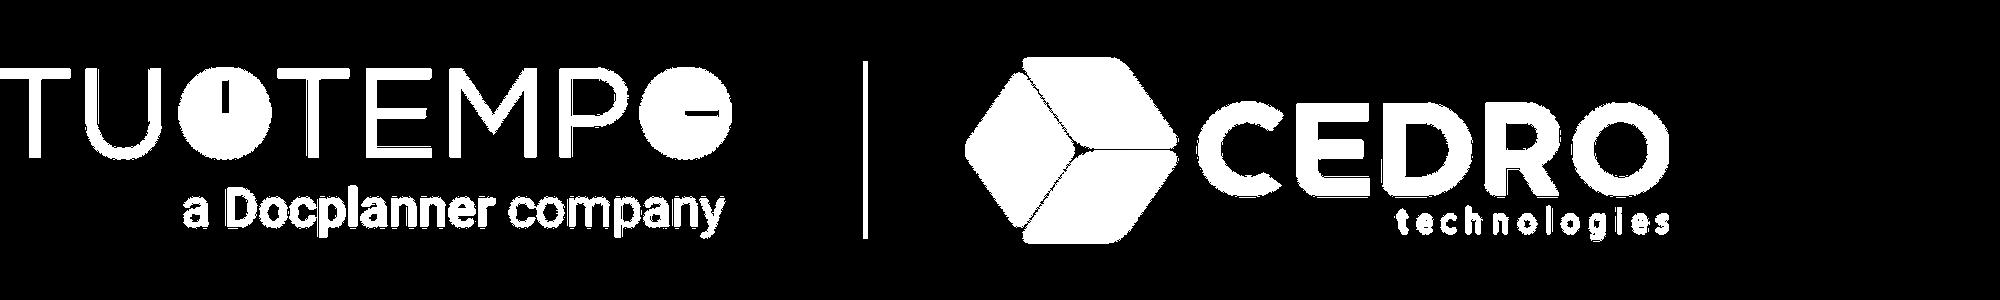 [NEW] Header LP Logos - Parceiros TuoTempo cedrotech-1